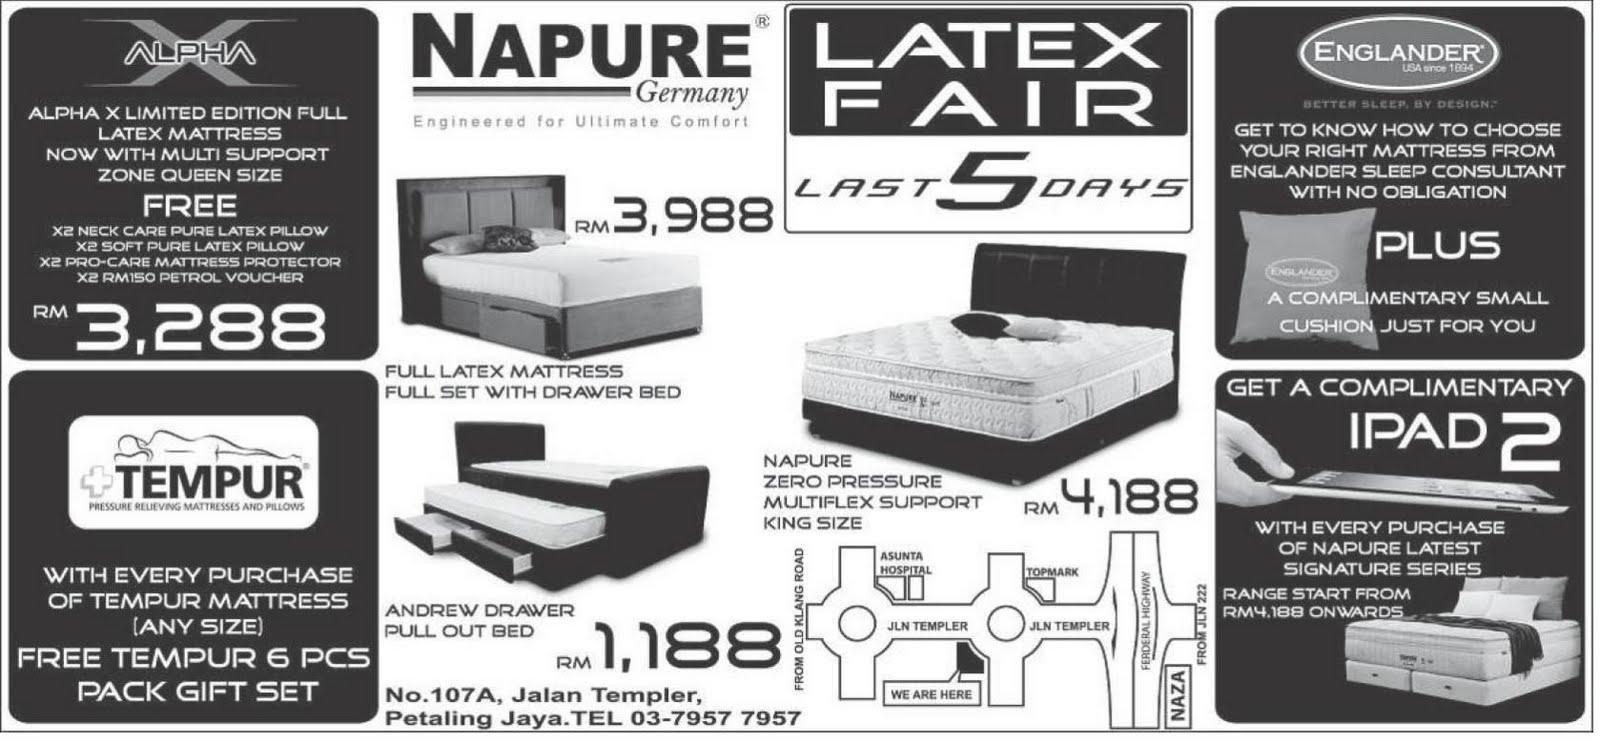 b5616b364 Latex Fair (17 August - 21 August)